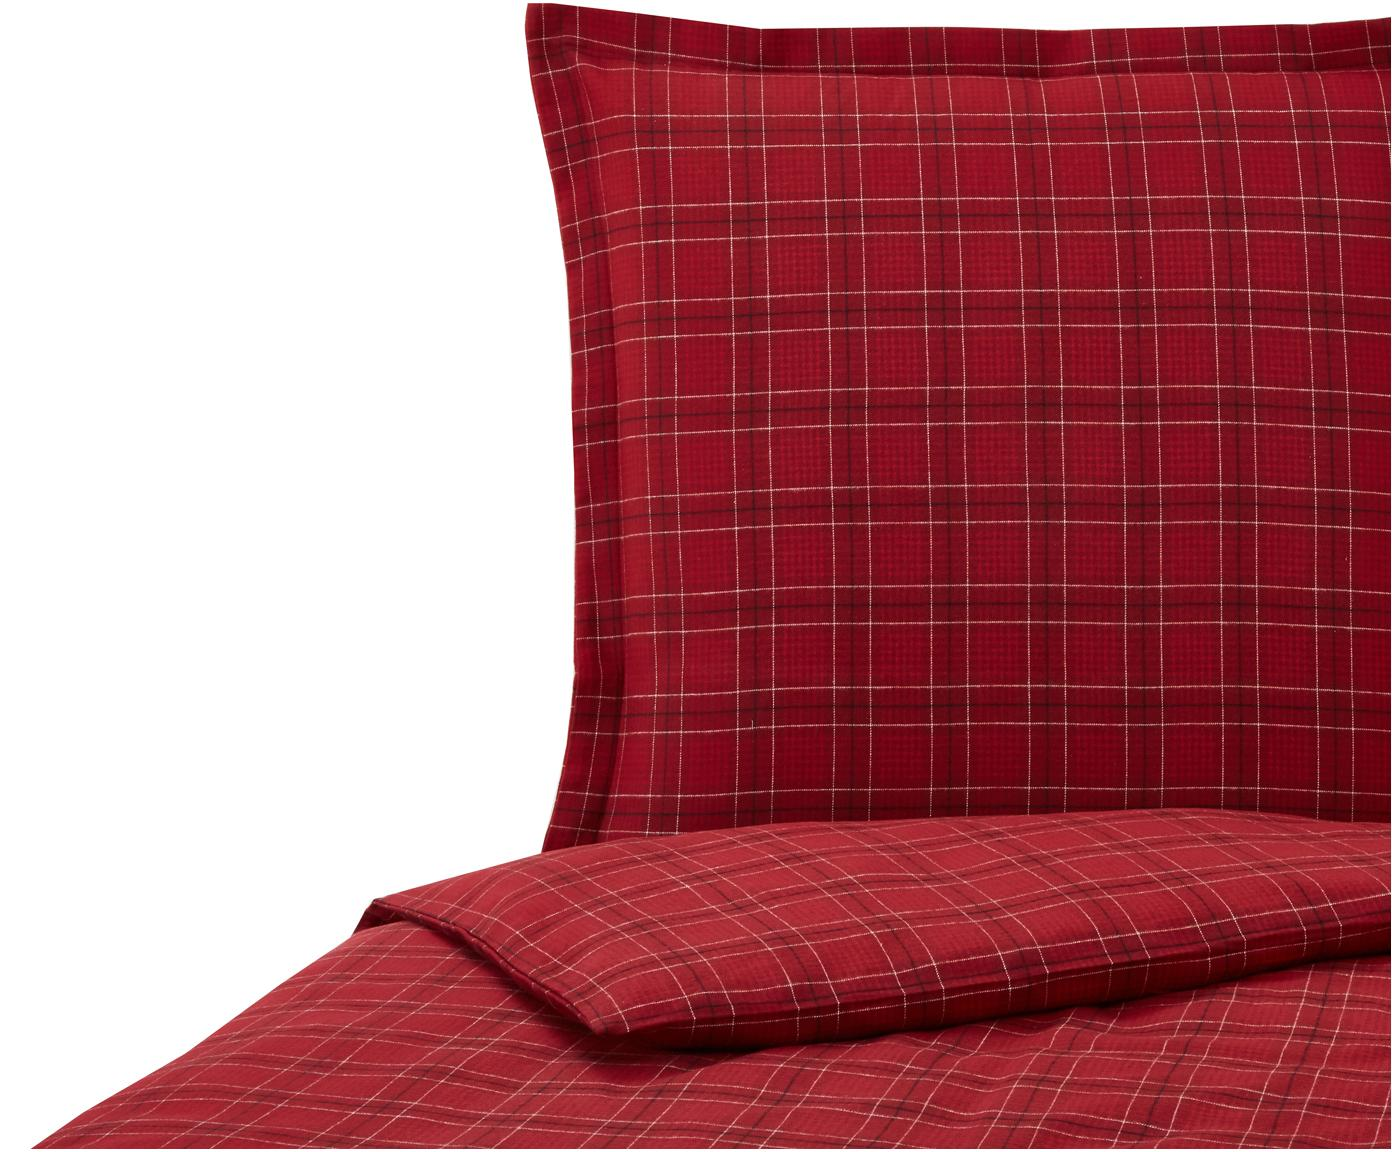 Flanell-Bettwäsche Checked in Rot, kariert, Webart: Flanell, Rot, Weiß, Schwarz, 135 x 200 cm